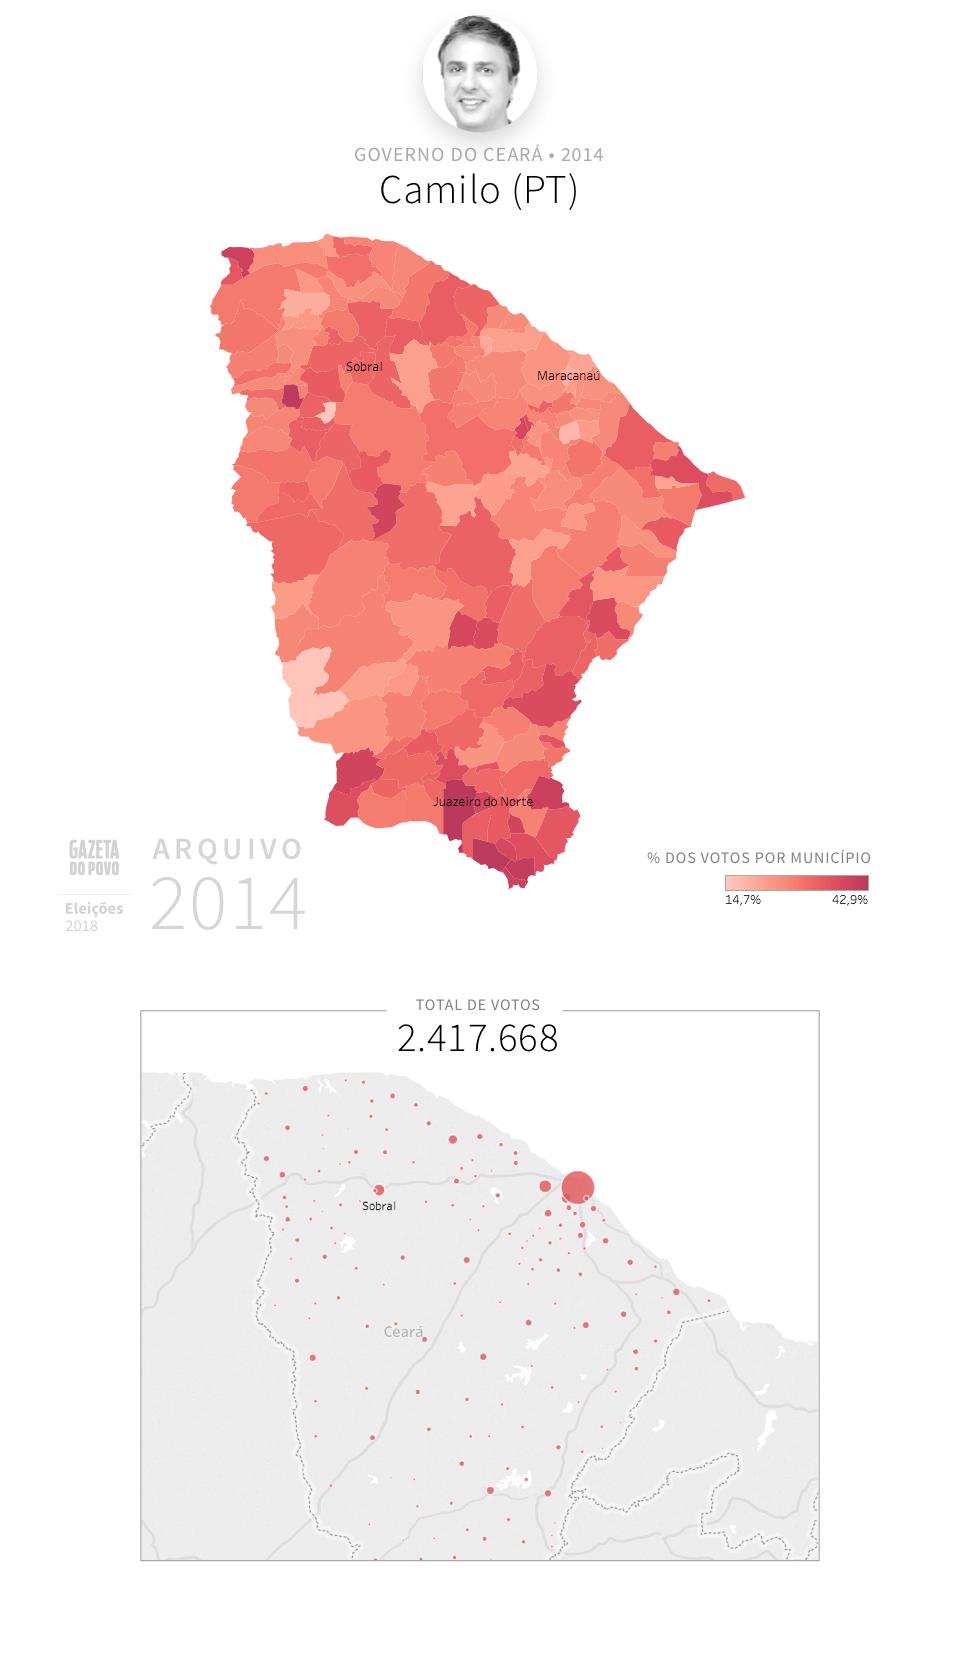 Desempenho do PT no Ceará em 2014, na eleição para governador do Ceará. Em % do total de votos em cada município.